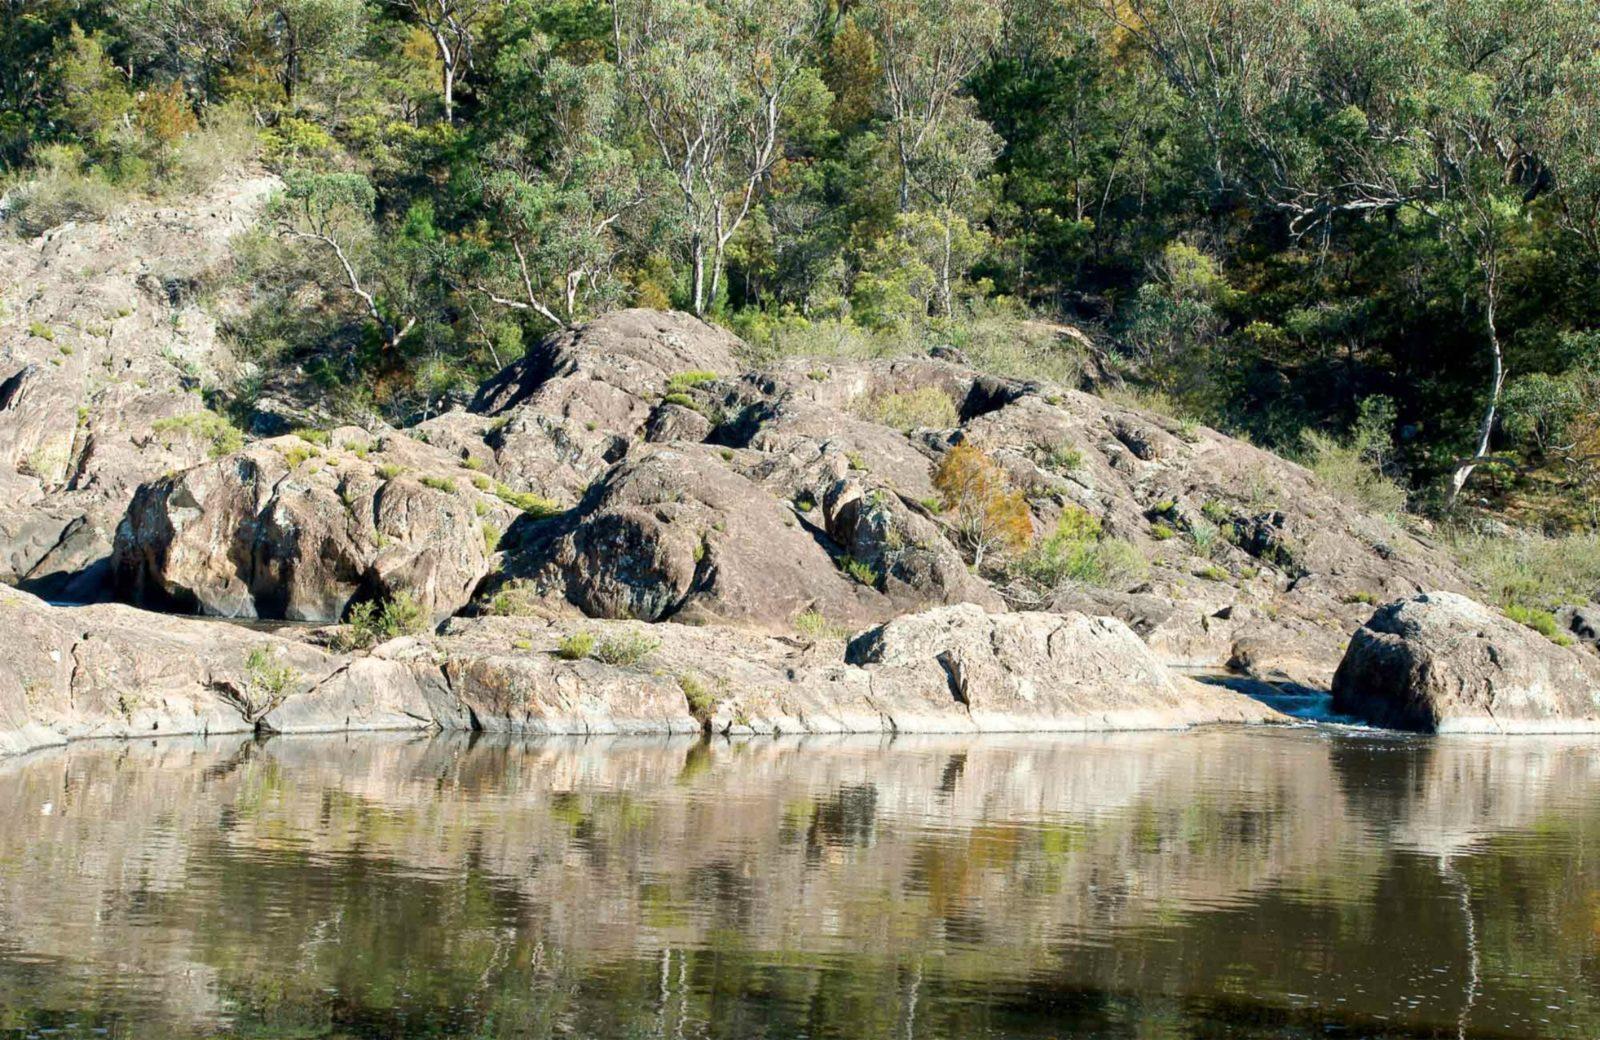 Boonoo Boonoo Falls, Boonoo Boonoo National Park. Photo: DECC/NSW Government